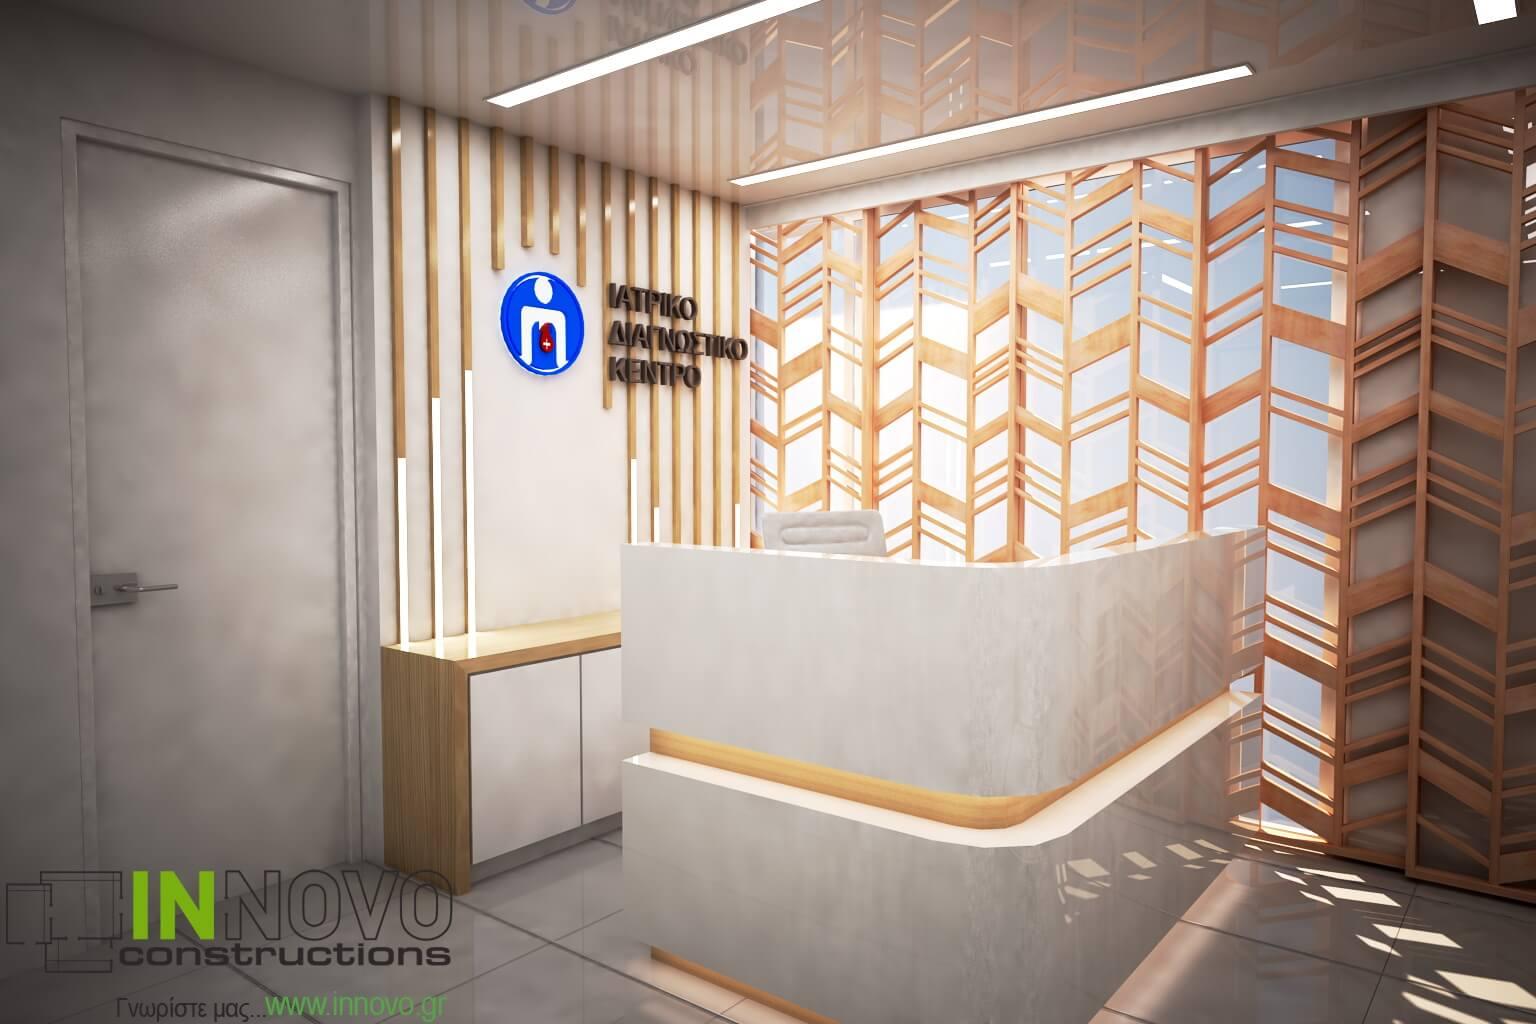 Μελέτη σχεδιασμού reception διαγνωστικού κέντρου στην Καλλιθέα